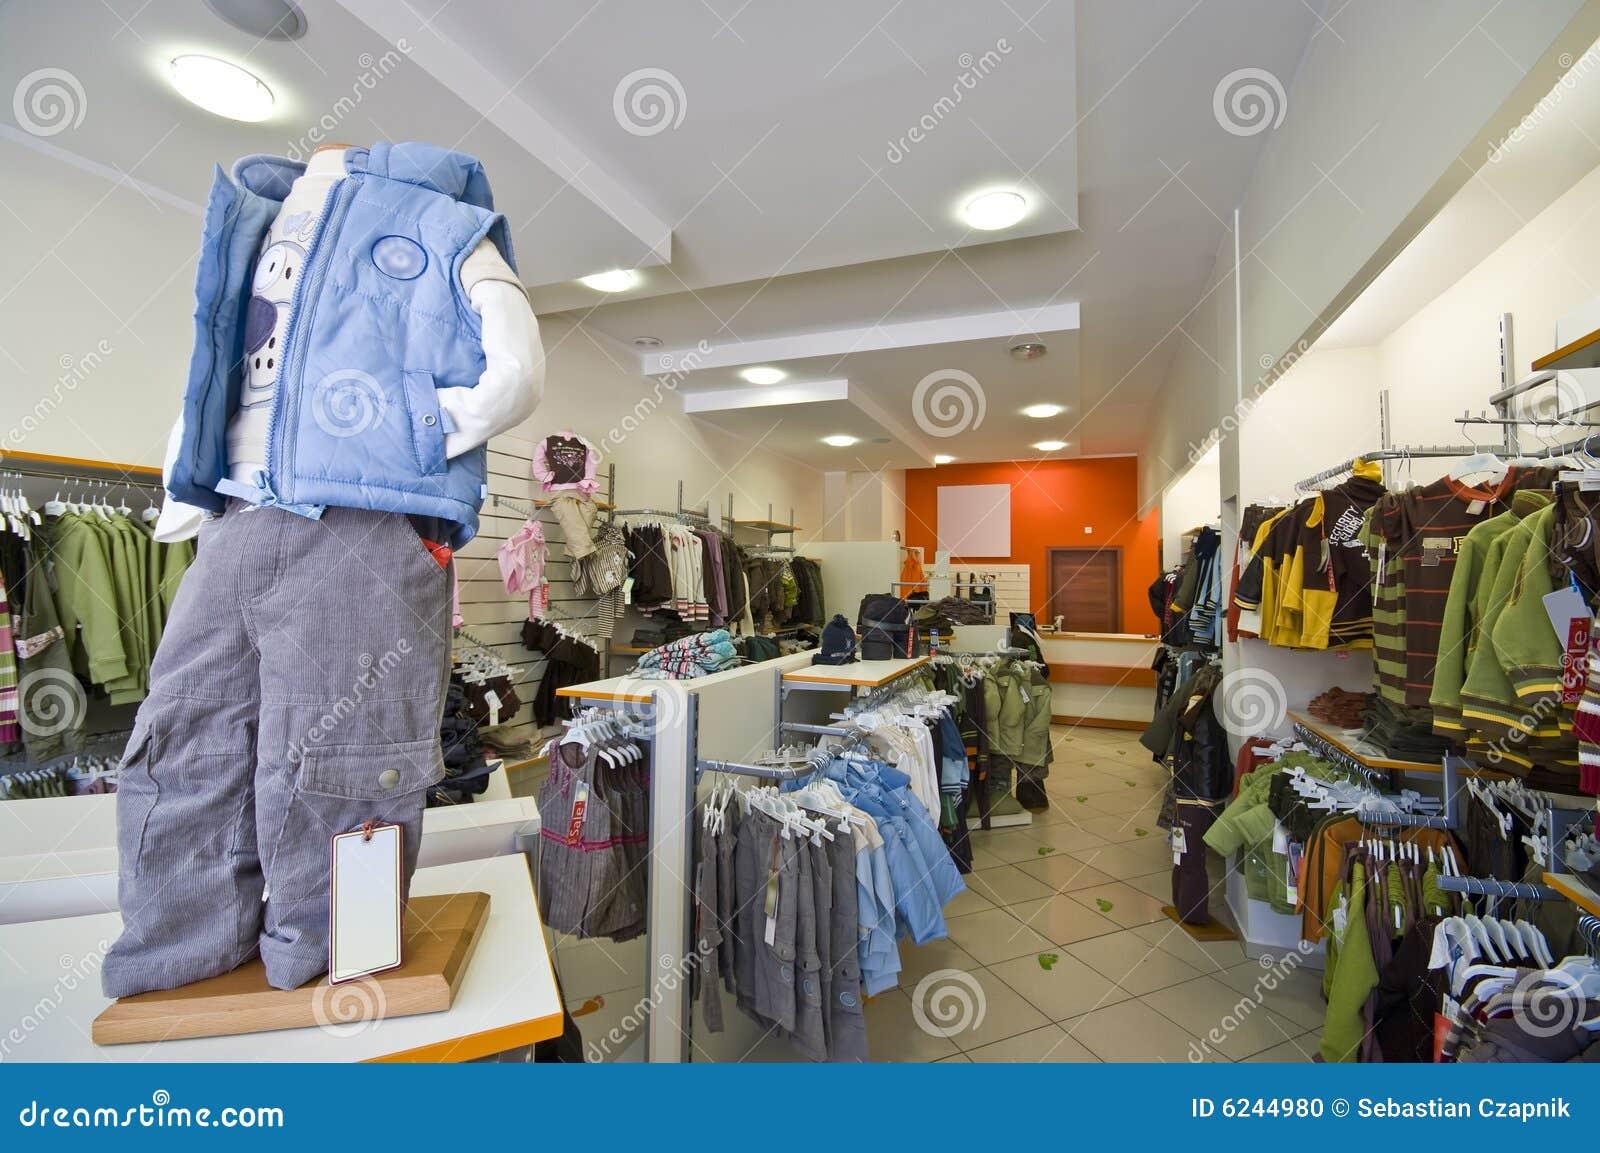 bc90fa40821 κατάστημα ενδυμάτων παιδιών Στοκ Εικόνες - εικόνα από μοντέρνος ...